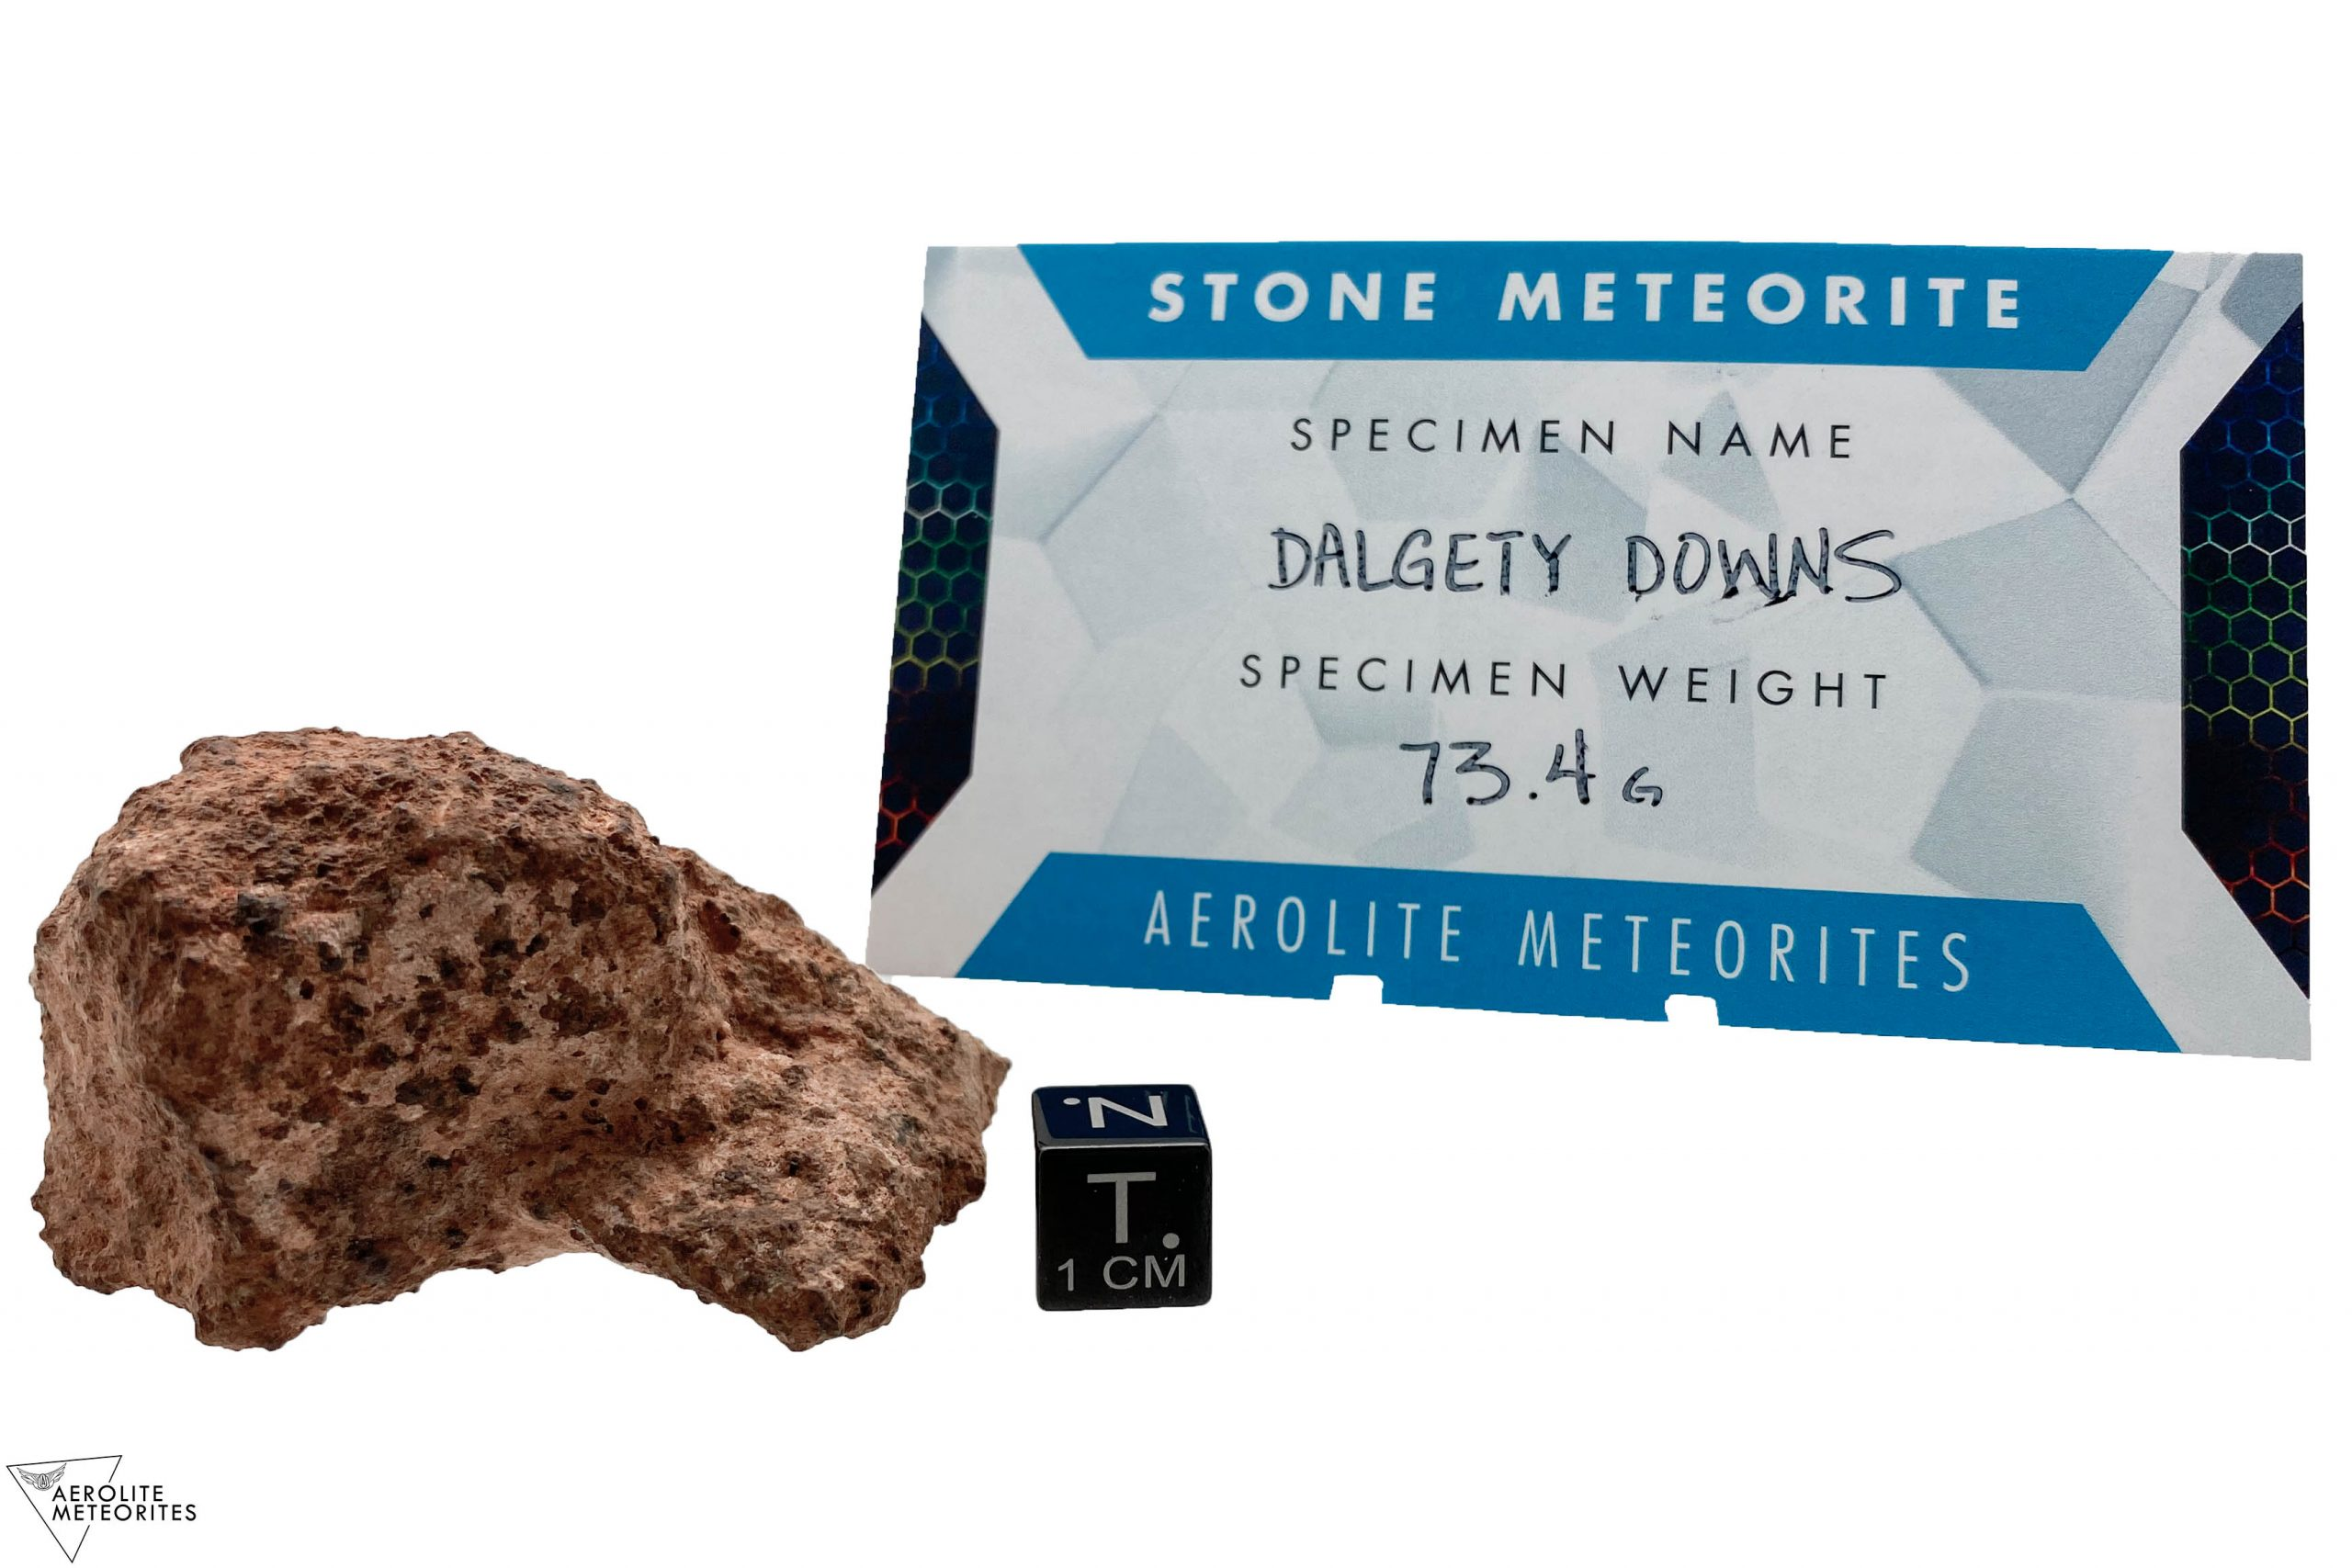 dalgety downs 73.4